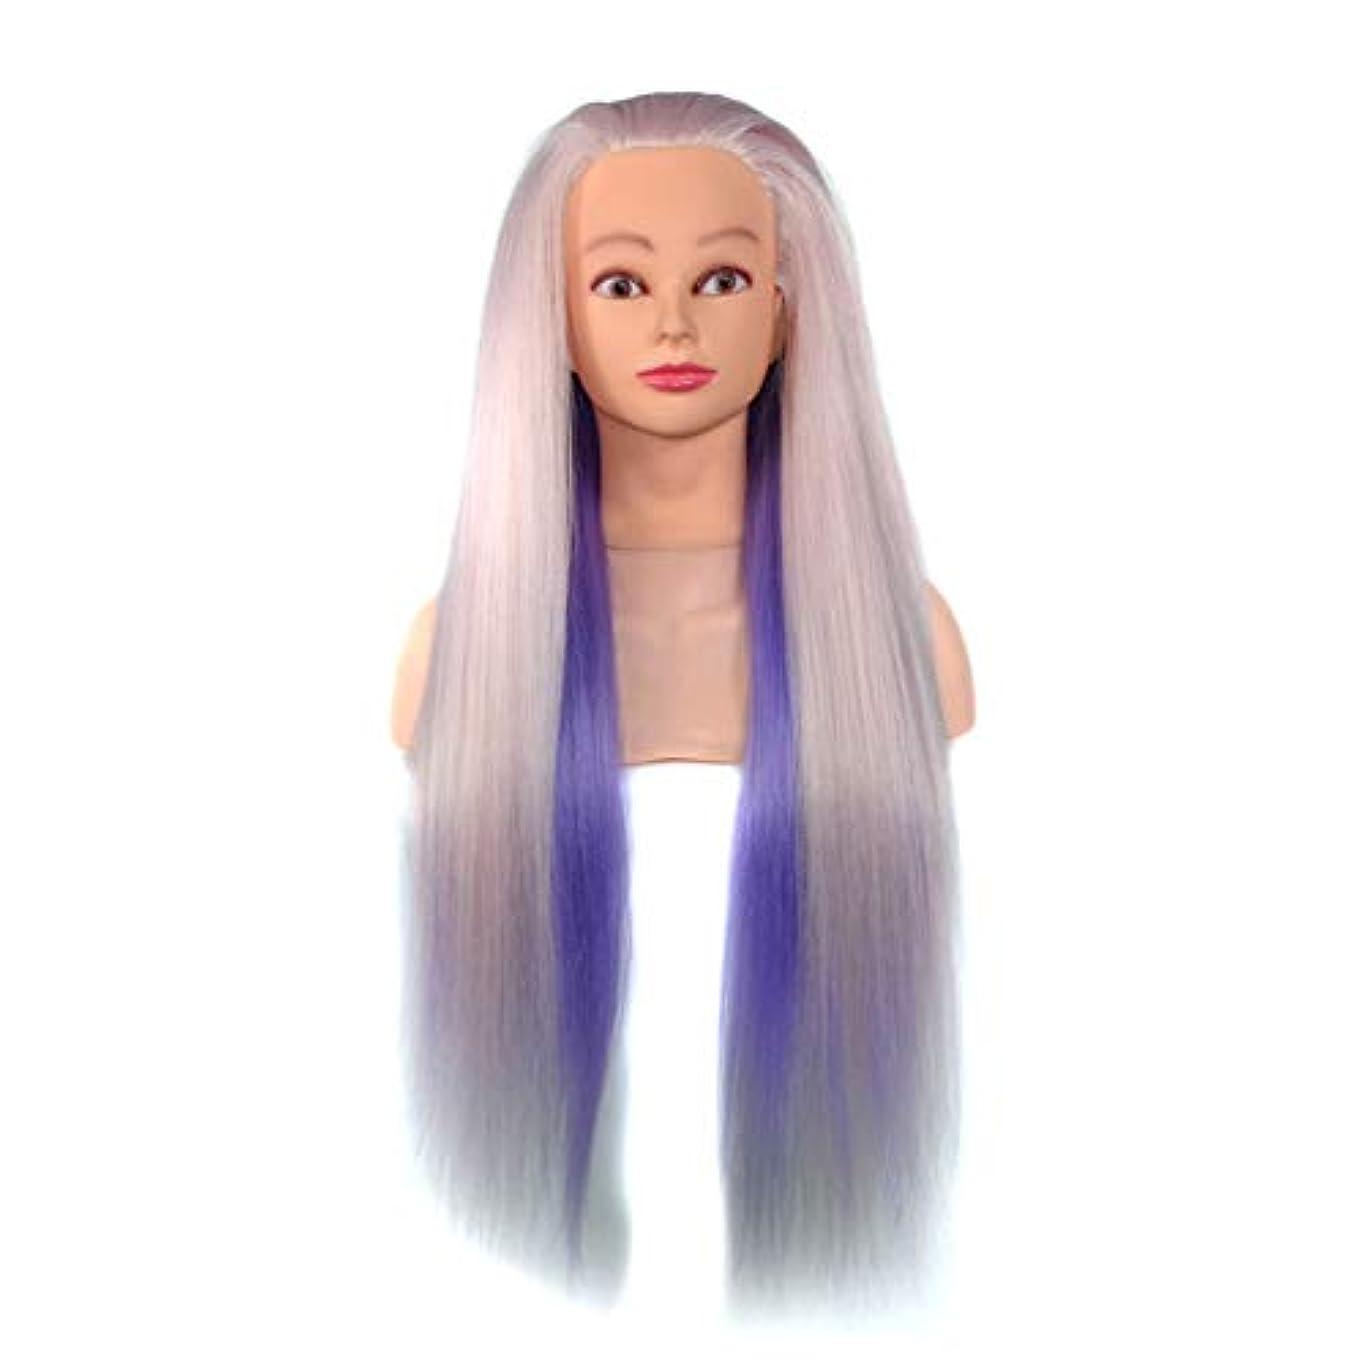 必須病者任命高温シルク花嫁編組エクササイズヘッドサロン教育グラデーショントレーニングヘッド理髪学習ヘッドモデル